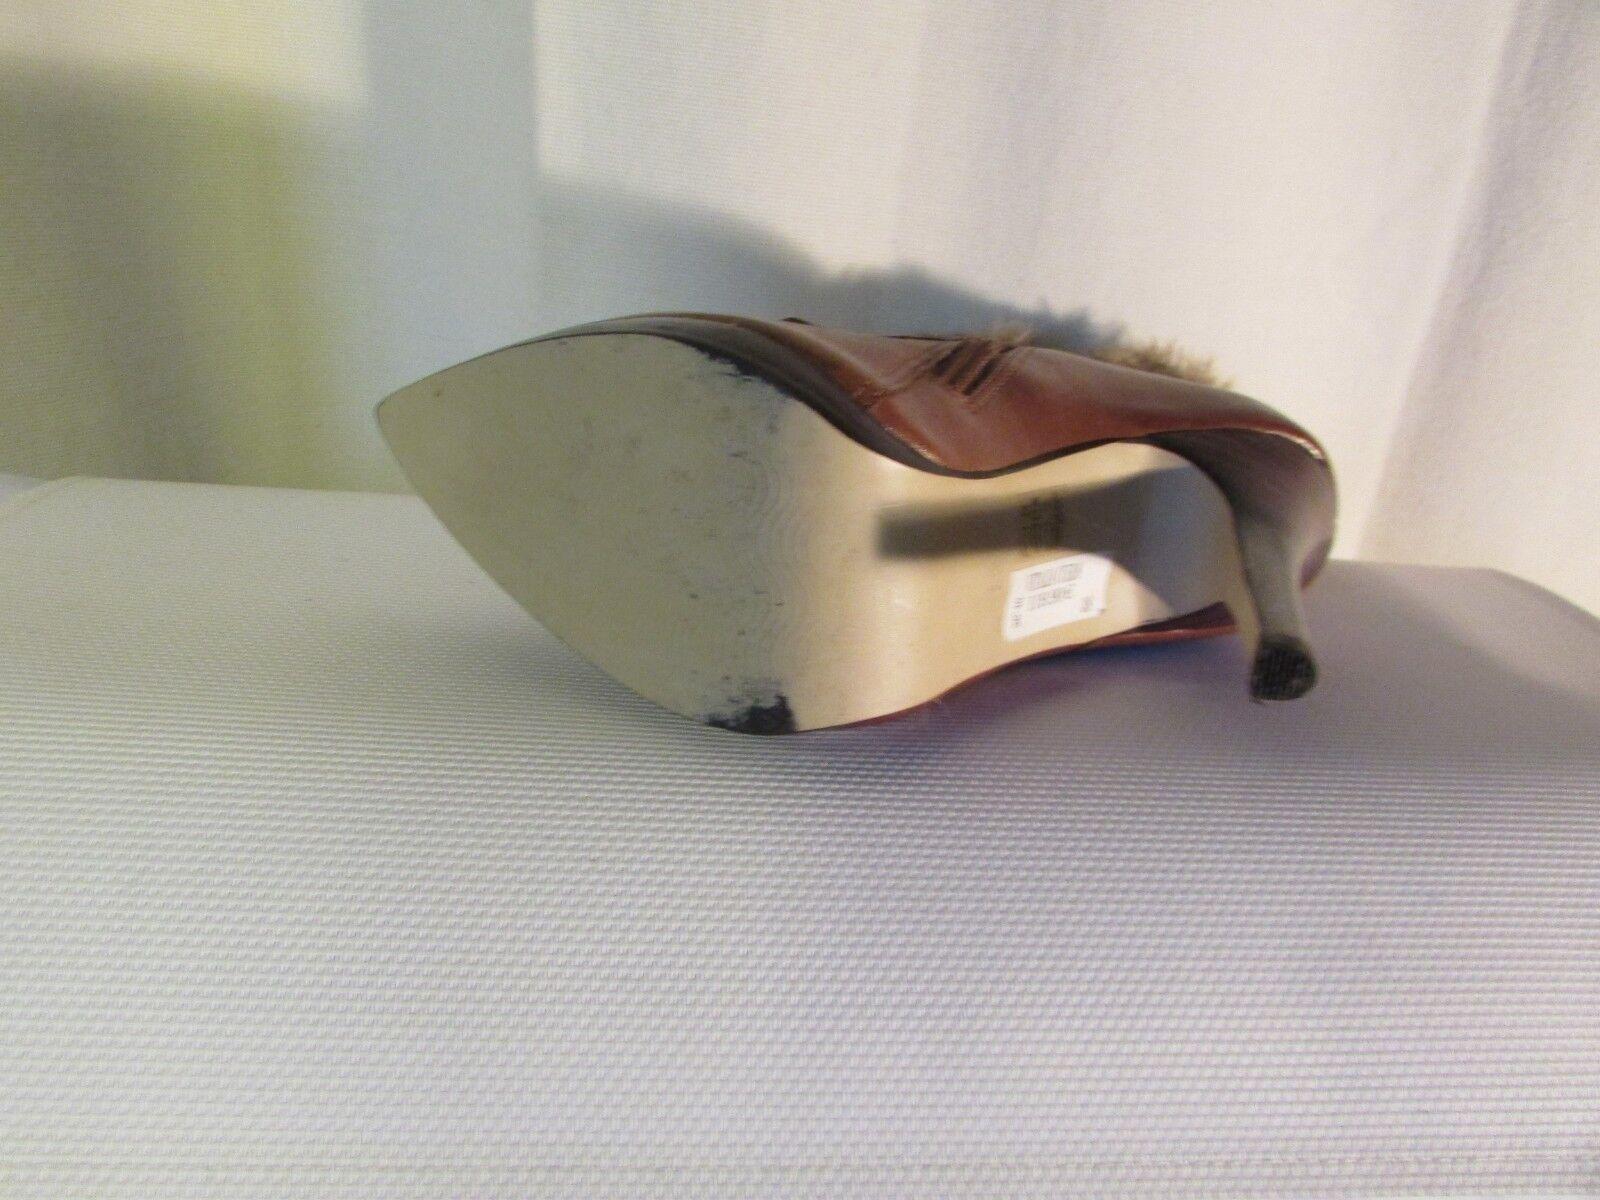 Bottines san marina cuir fauve fauve fauve pointure 38 6a4a9d